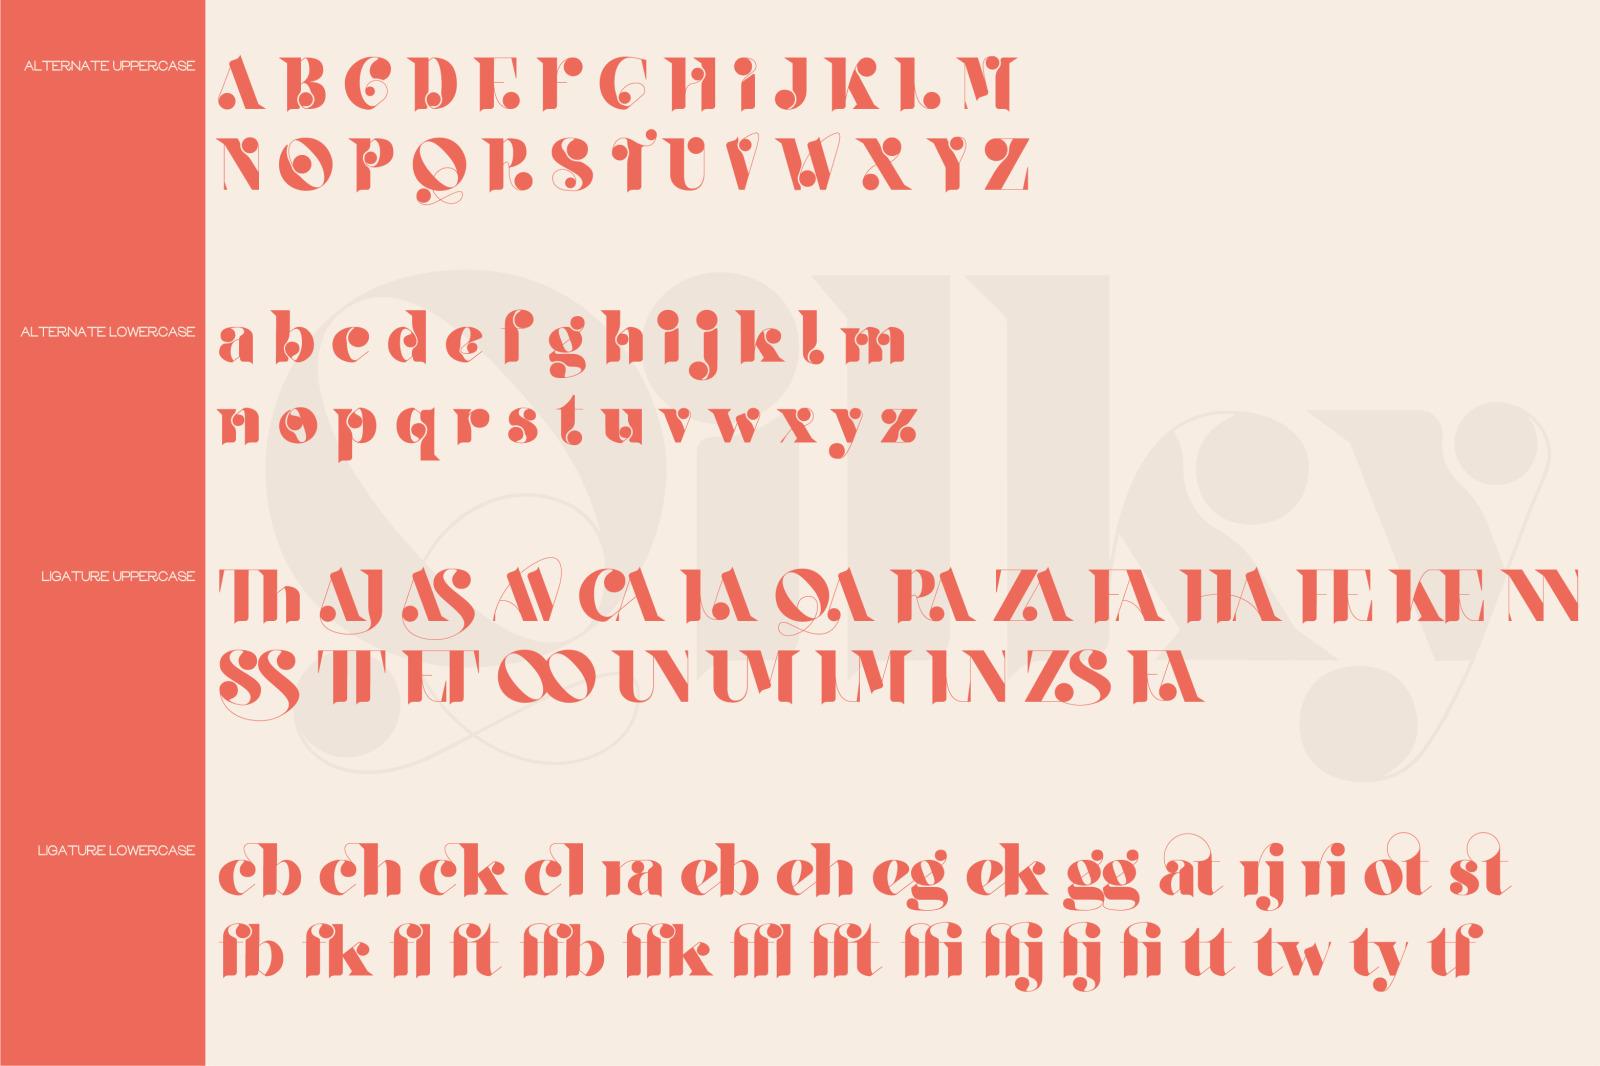 时尚复古品牌徽标Logo海报标题设计衬线英文字体素材 Qilky Font插图15